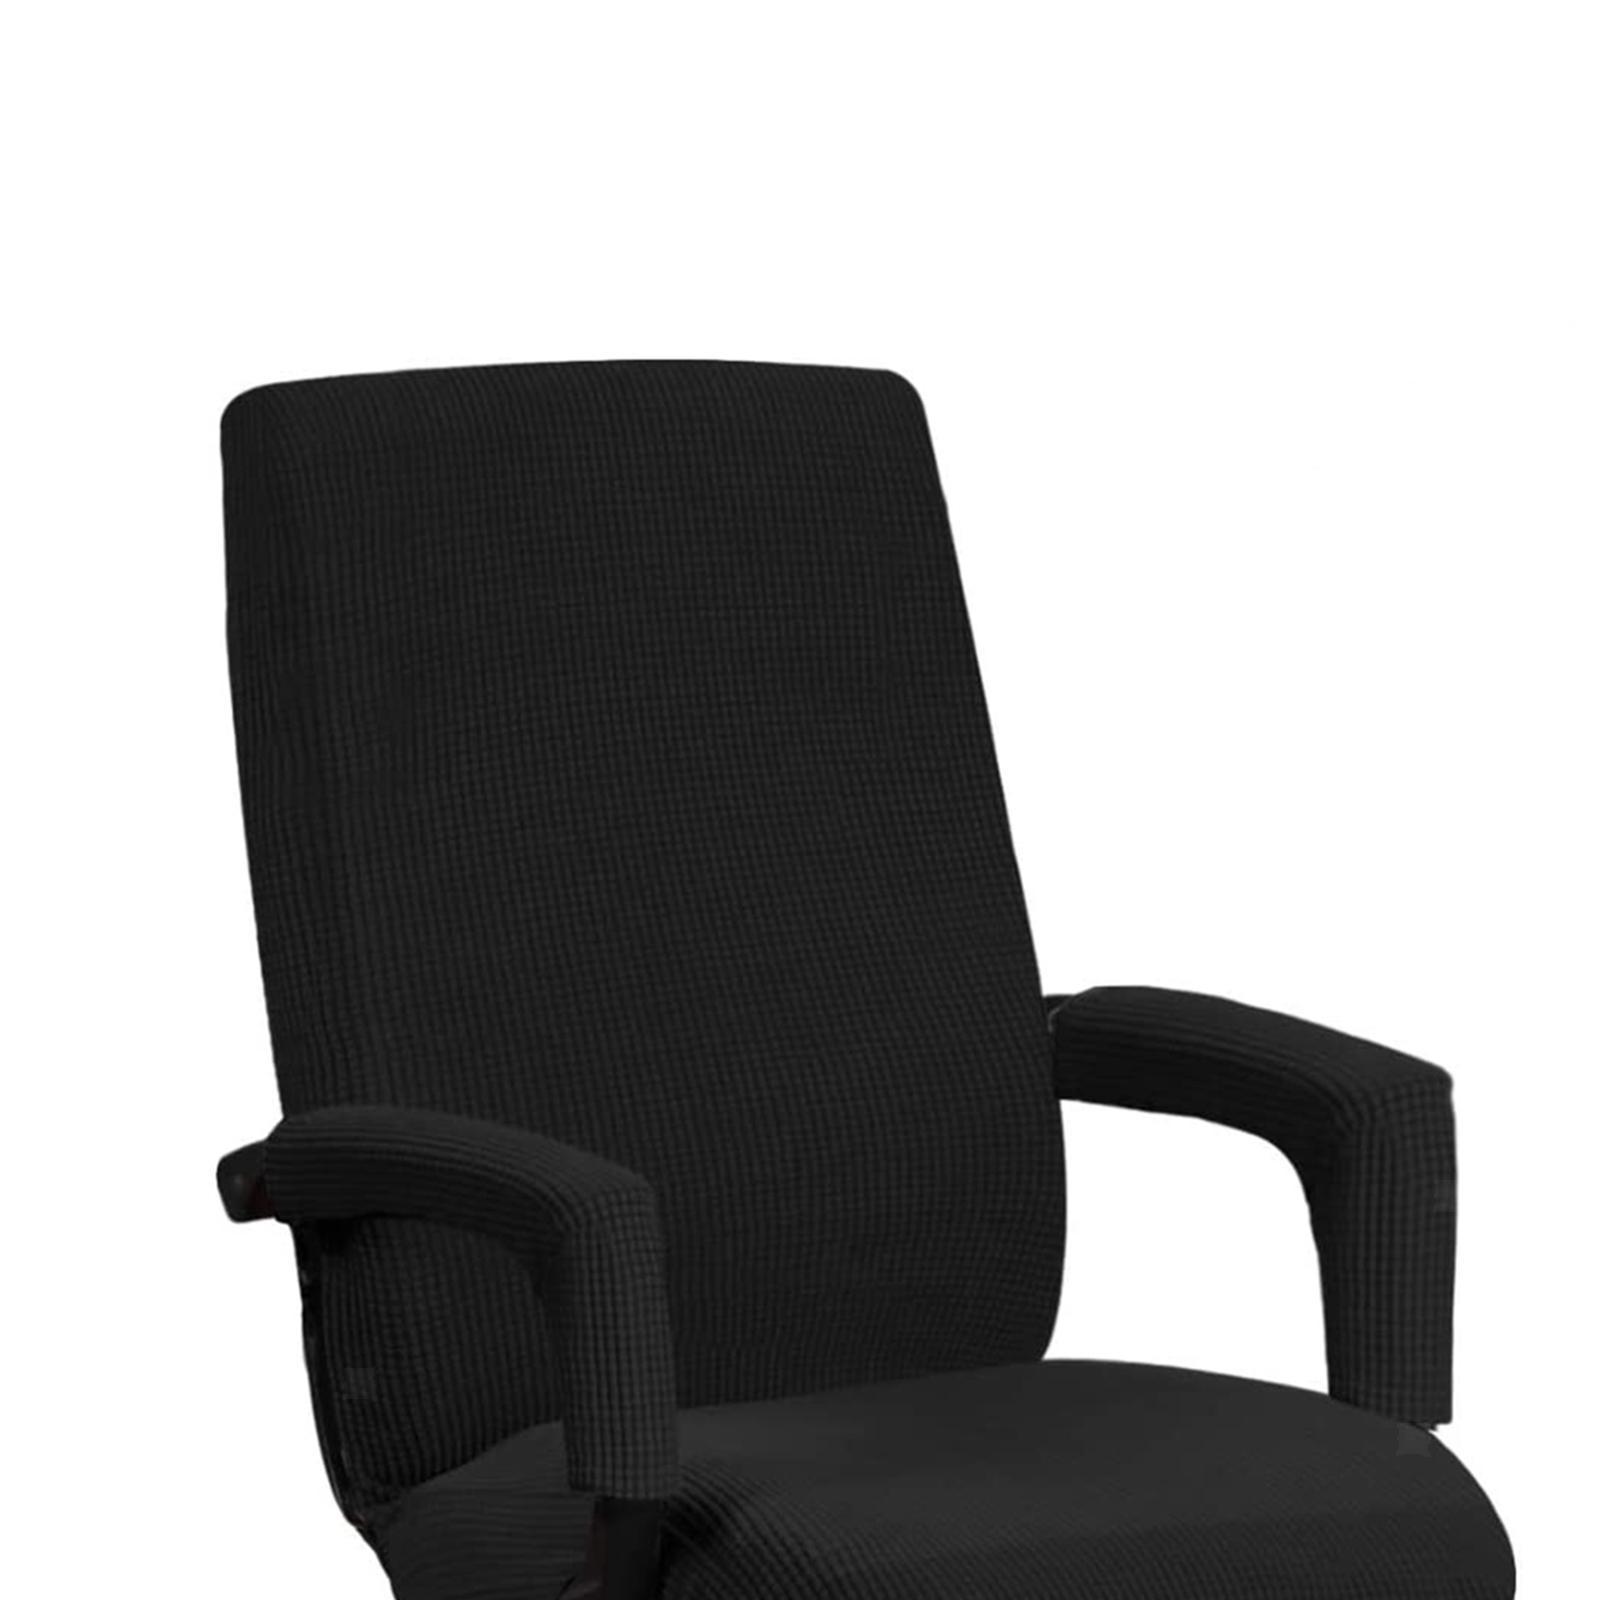 miniature 10 - Housses de chaise de bureau contemporaines à dossier haut et 2 housses de bras